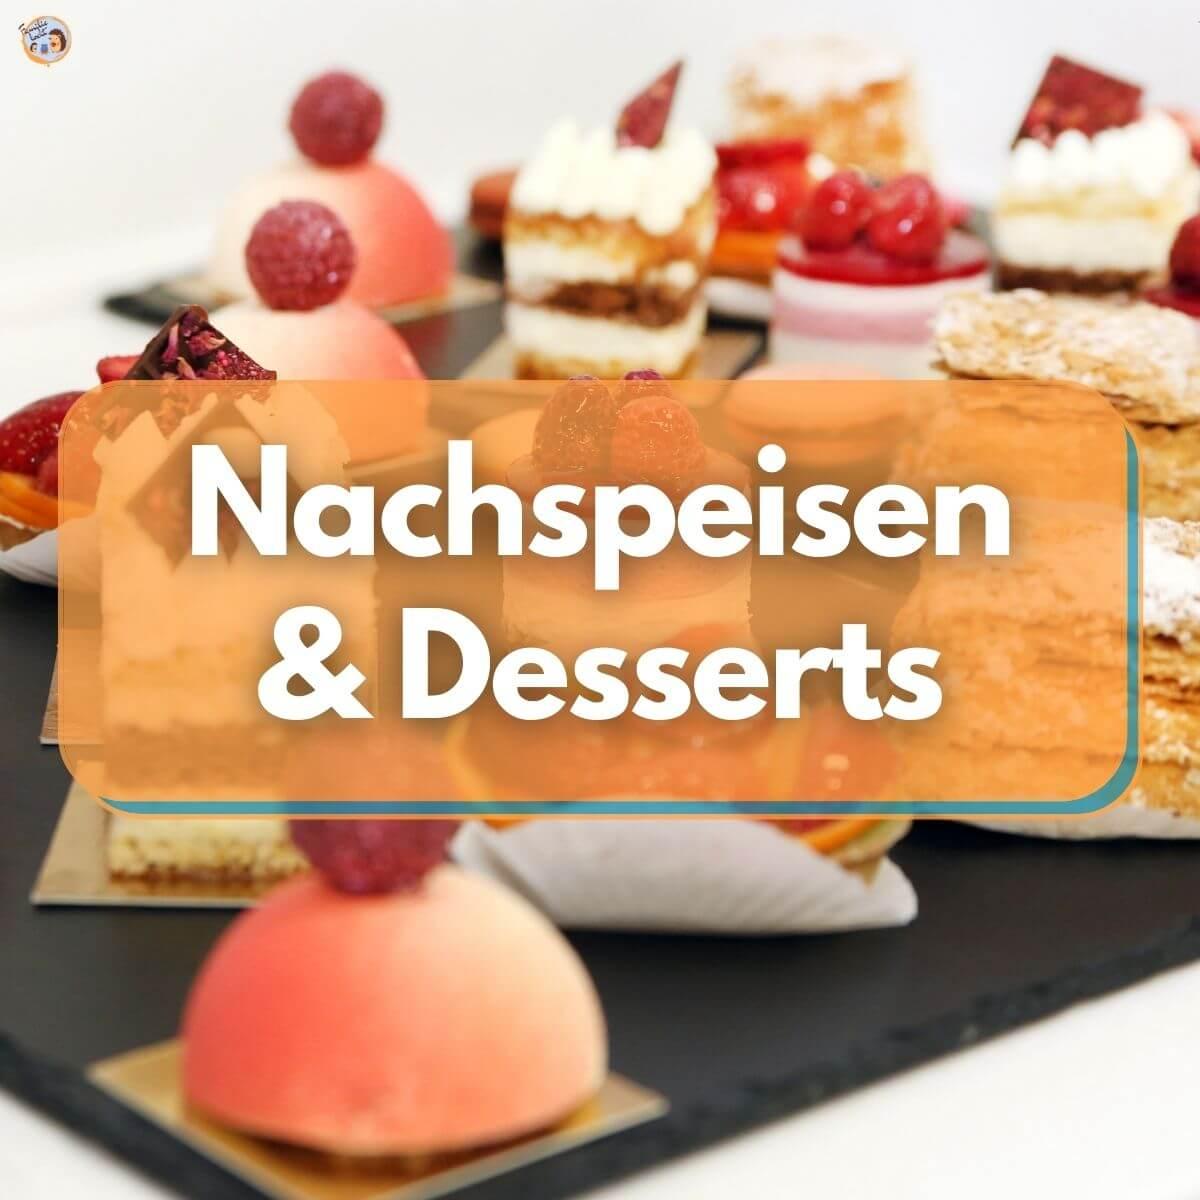 Nachspeisen & Desserts